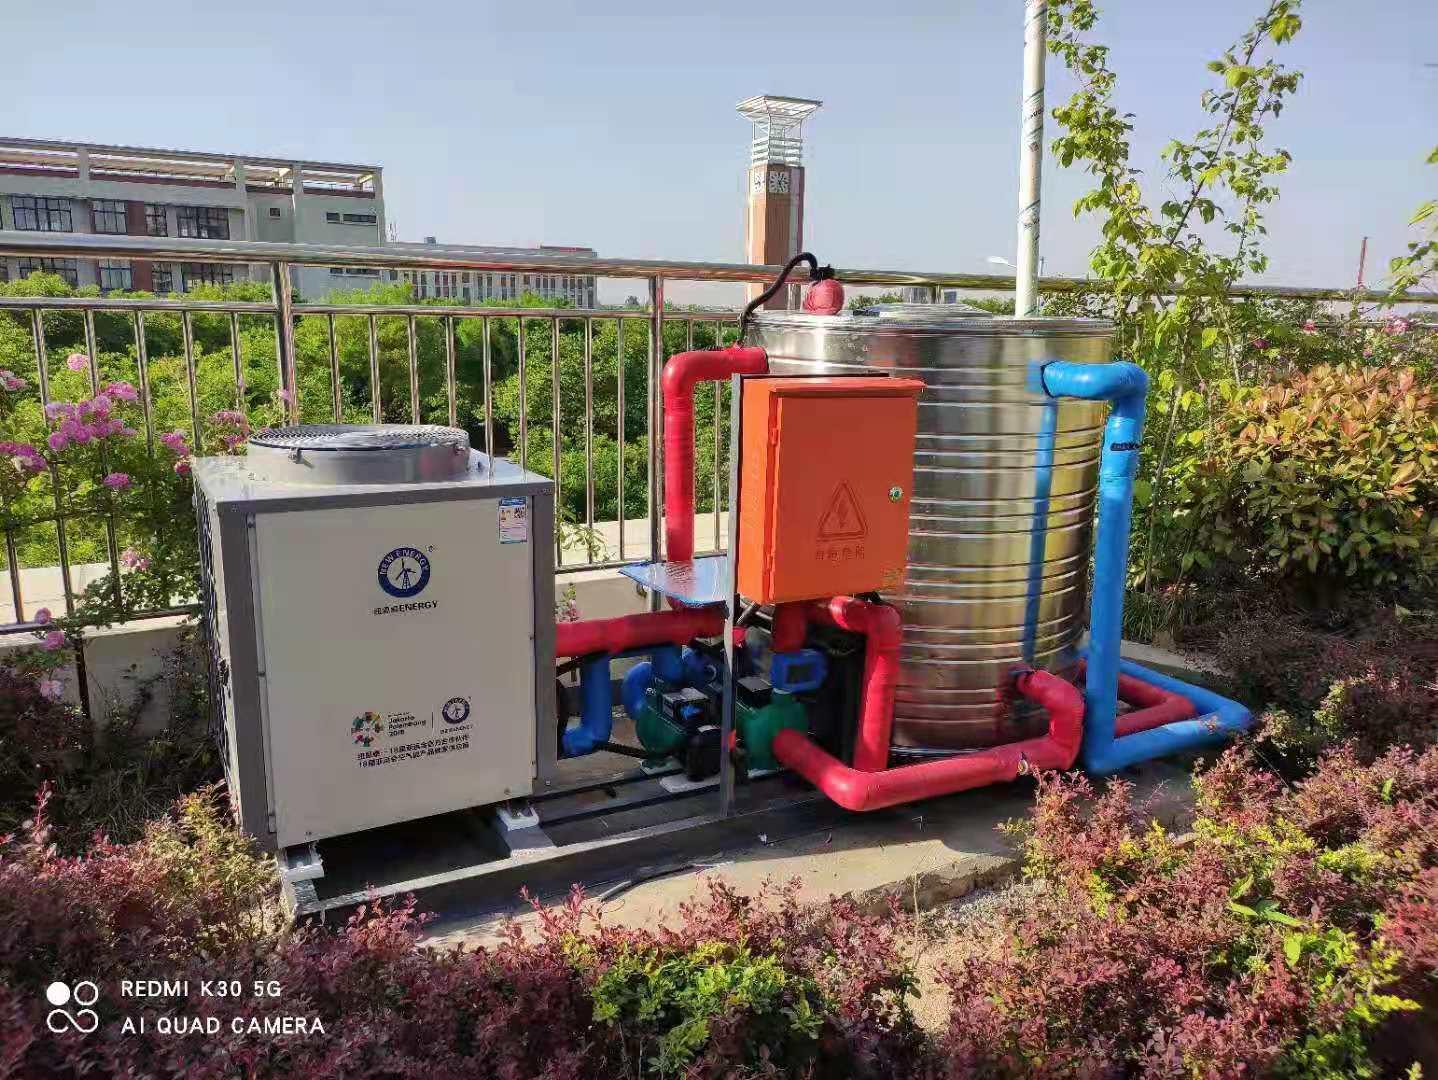 空气能热水器 家用空气能热水器 空气能热水价格 陕西空气能热水器厂家